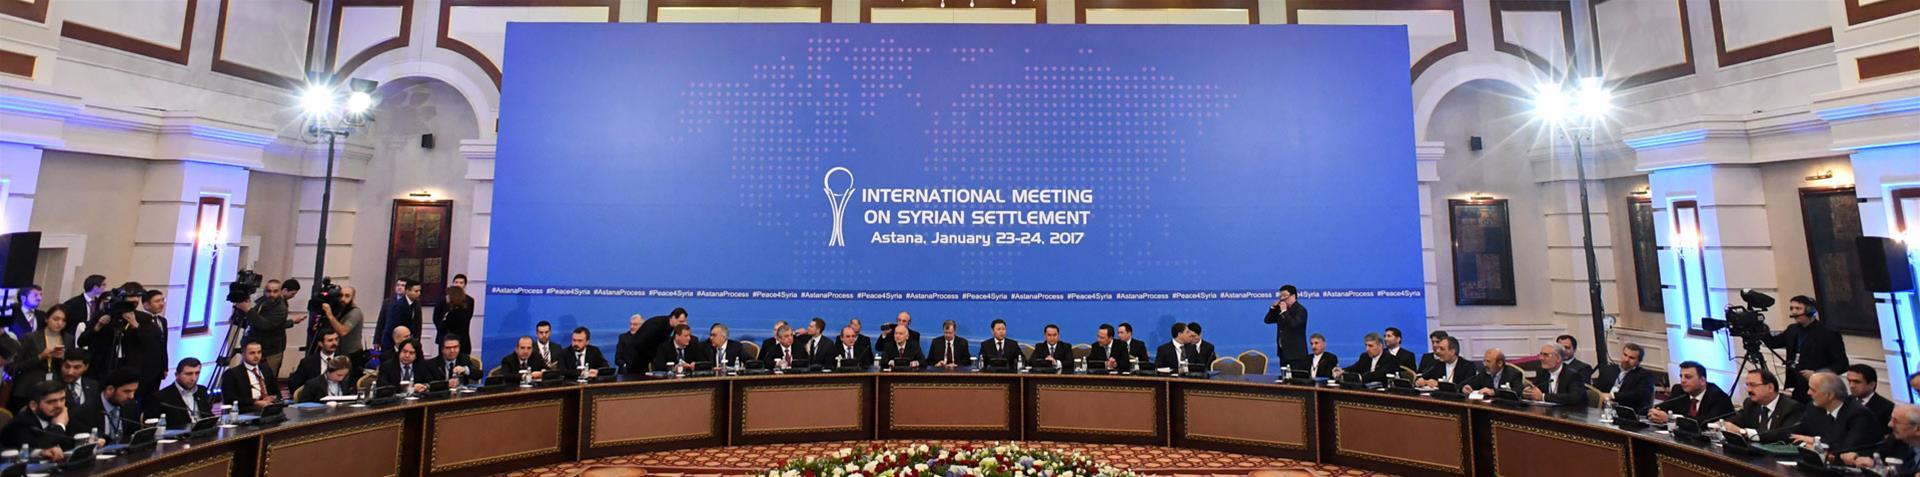 اختتام اجتماعات أستانا: وعود روسية ومطالب للمعارضة بوضع آليات لمراقبة وقف إطلاق النار